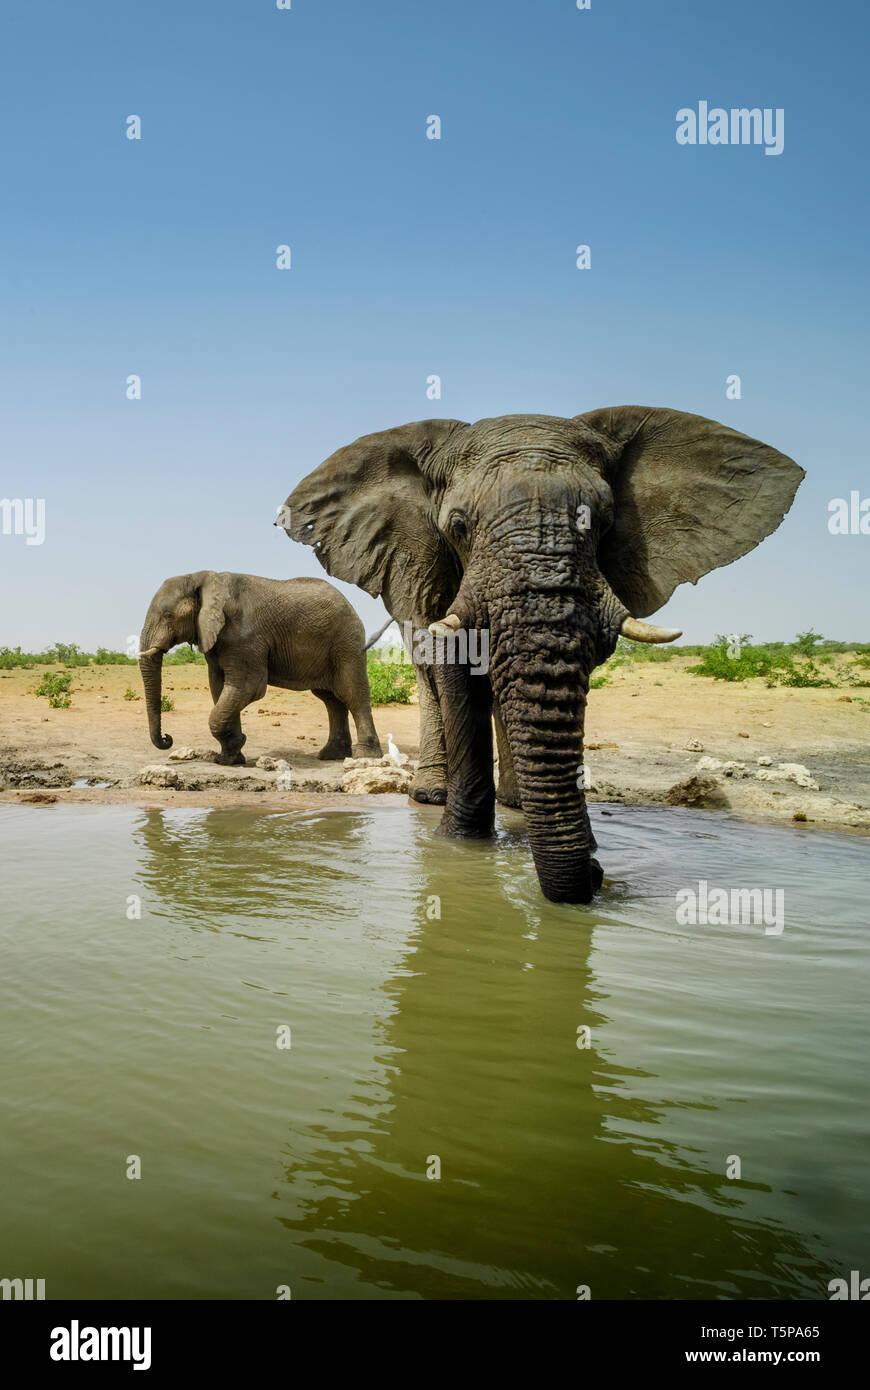 Bush - Elefante Africano Loxodonta africana, iconic miembro del Big Five, safari africano en Etosha, en Namibia. Foto de stock